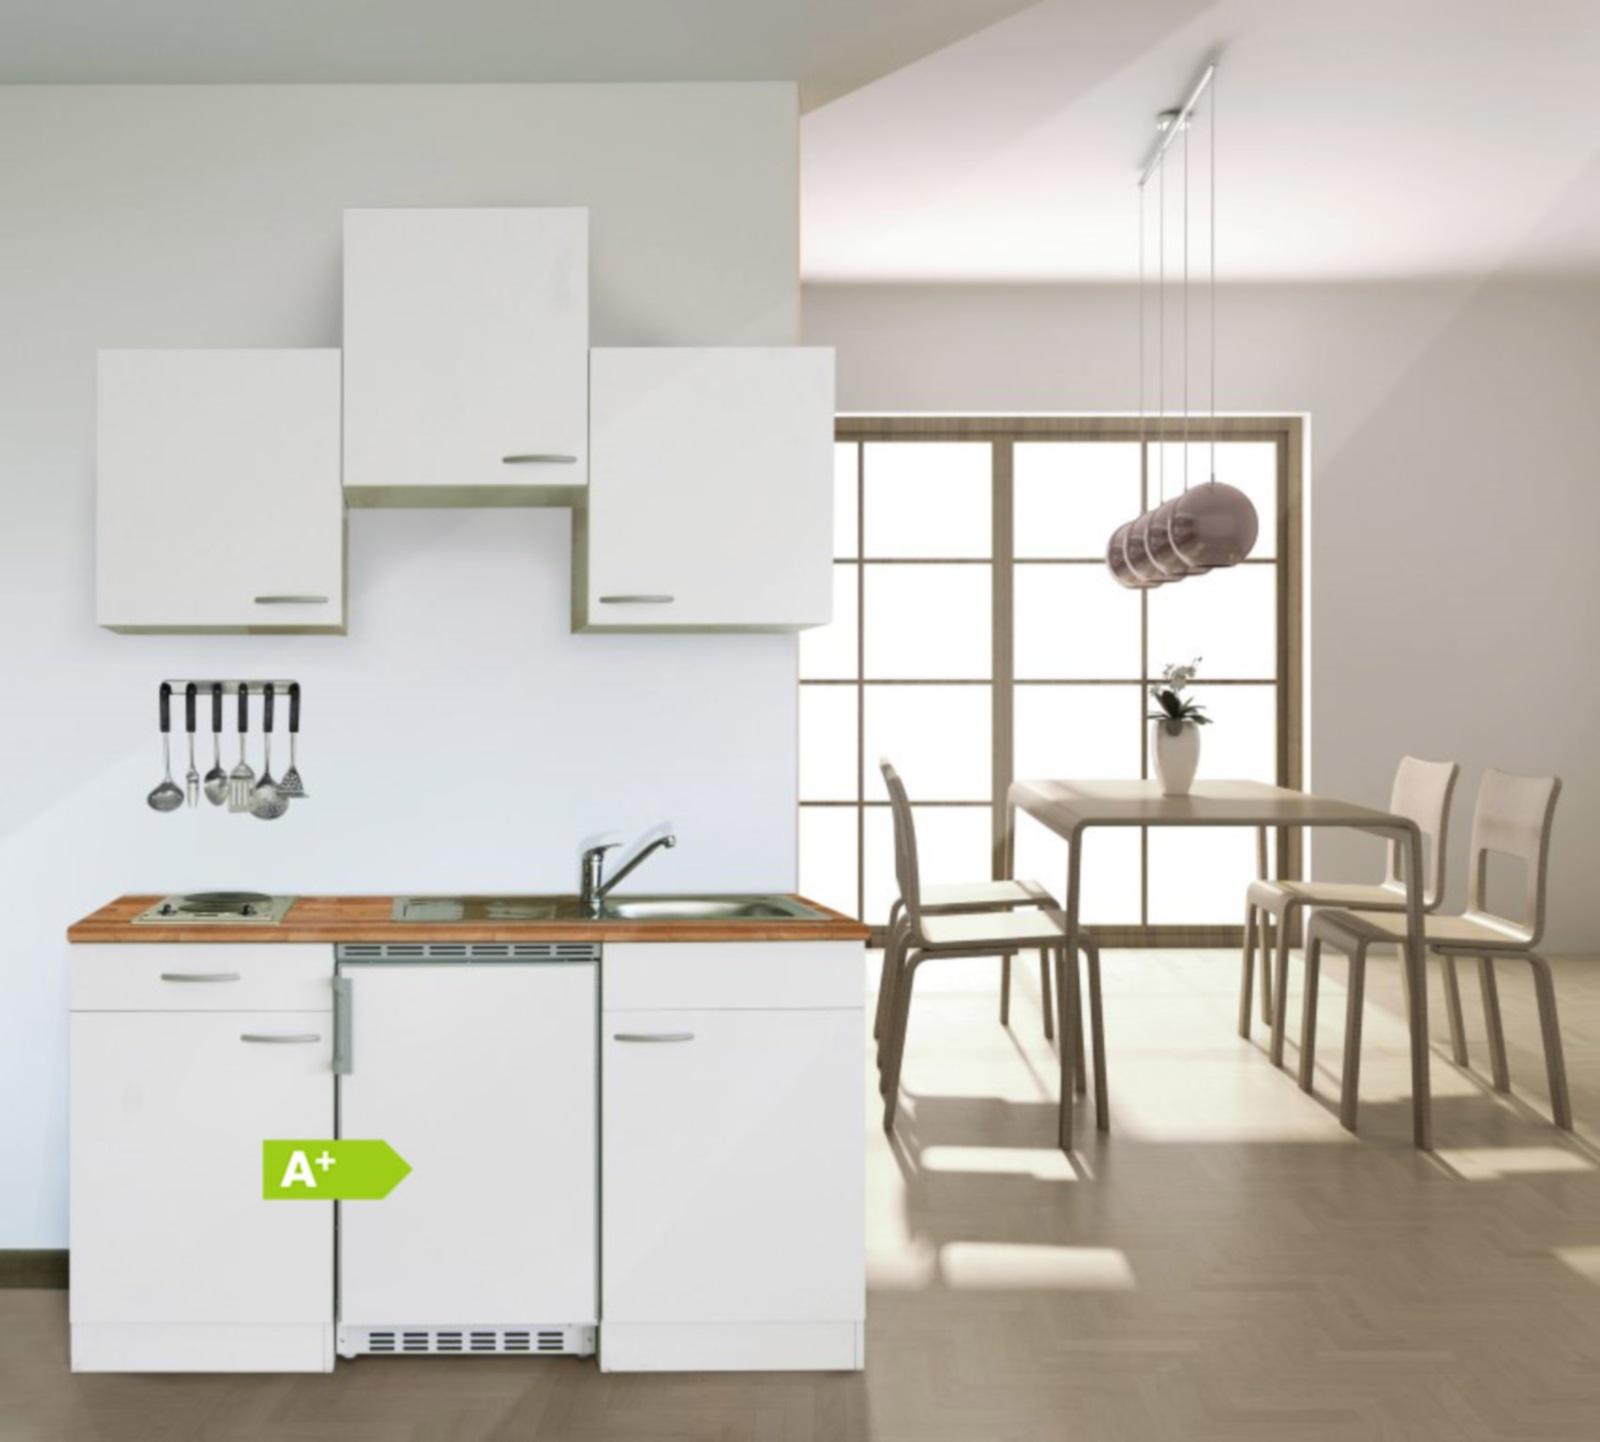 Mini küchenzeile  Respekta Küchenzeile Küchenblock Single Mini Küche WEISS rot 150 Cm ...